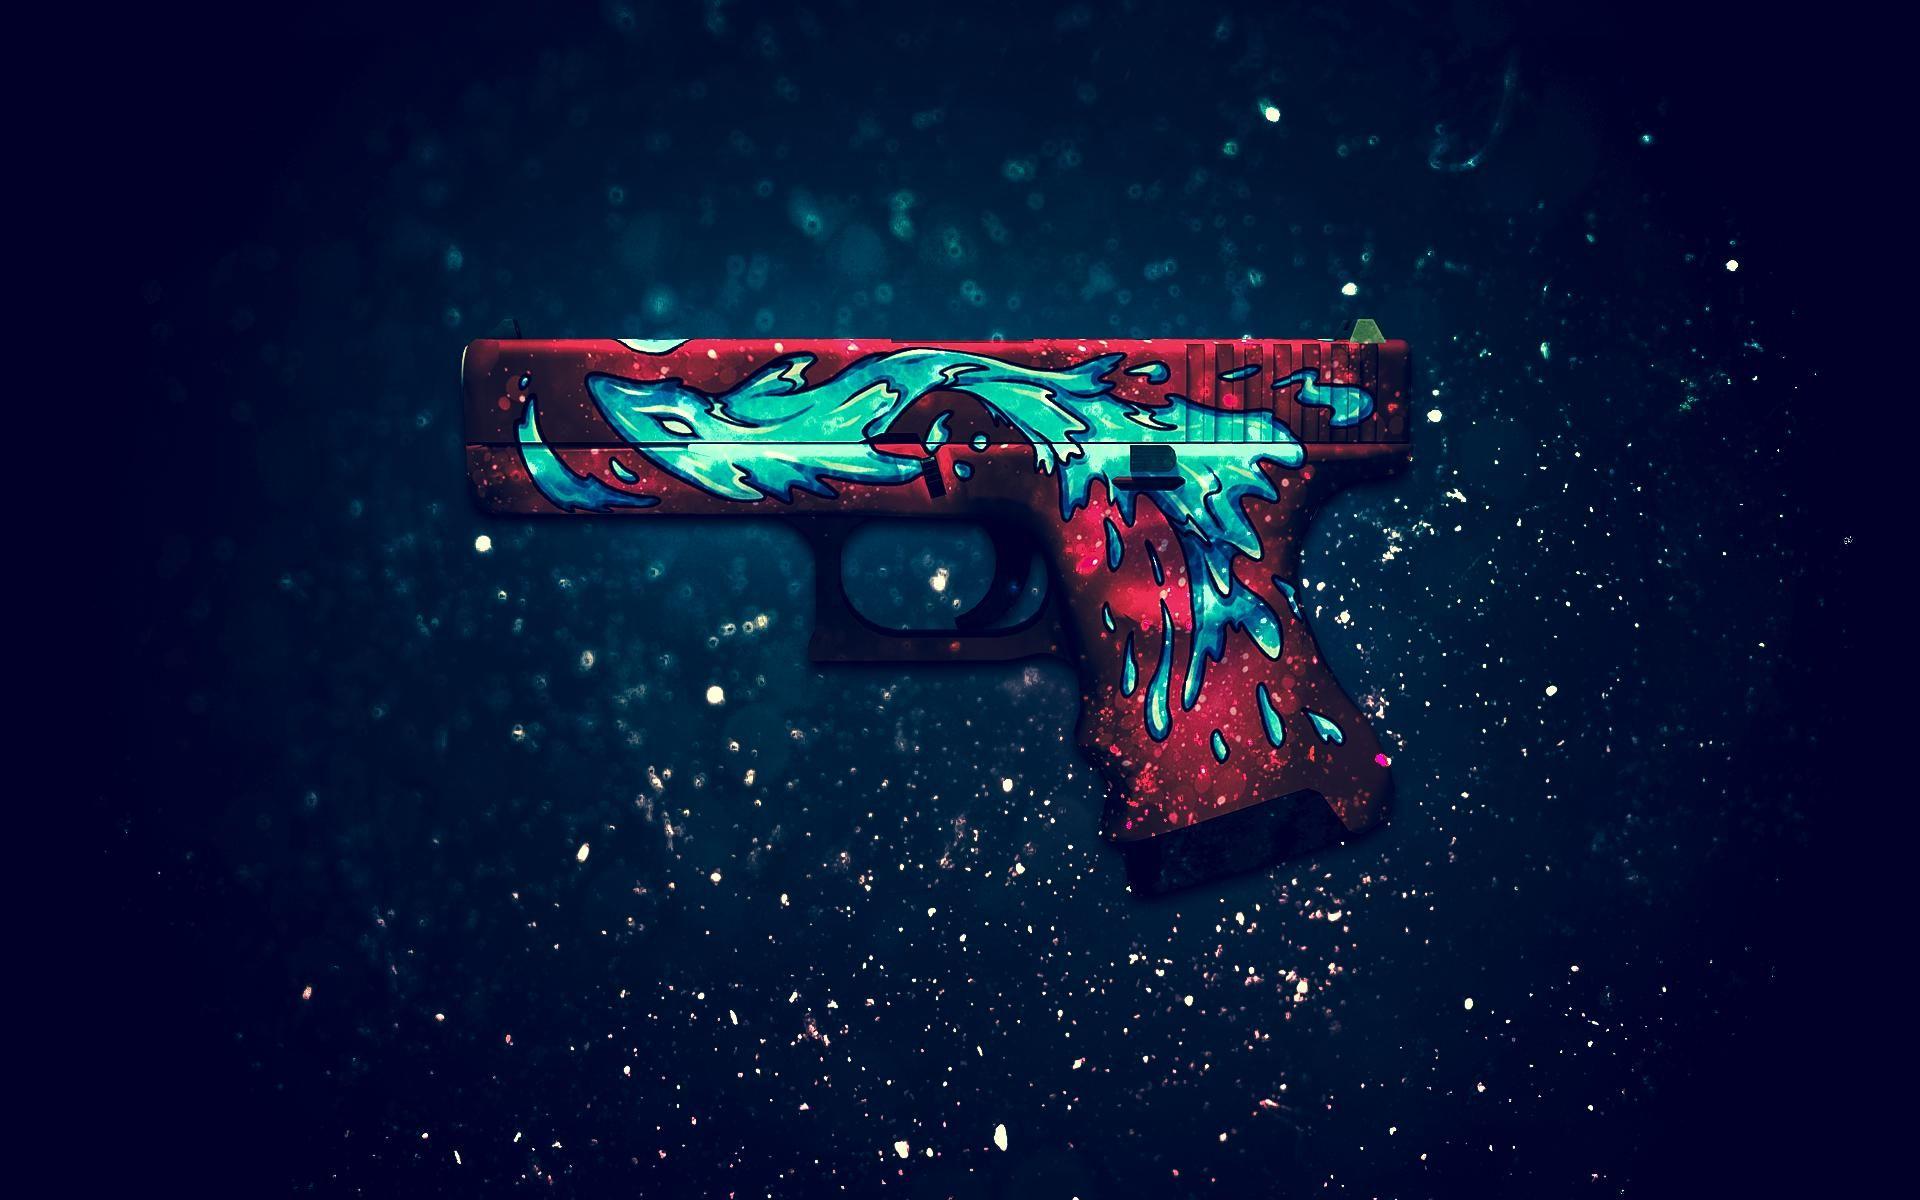 Glock 18 Water Elemental Computer Wallpapers Desktop Backgrounds